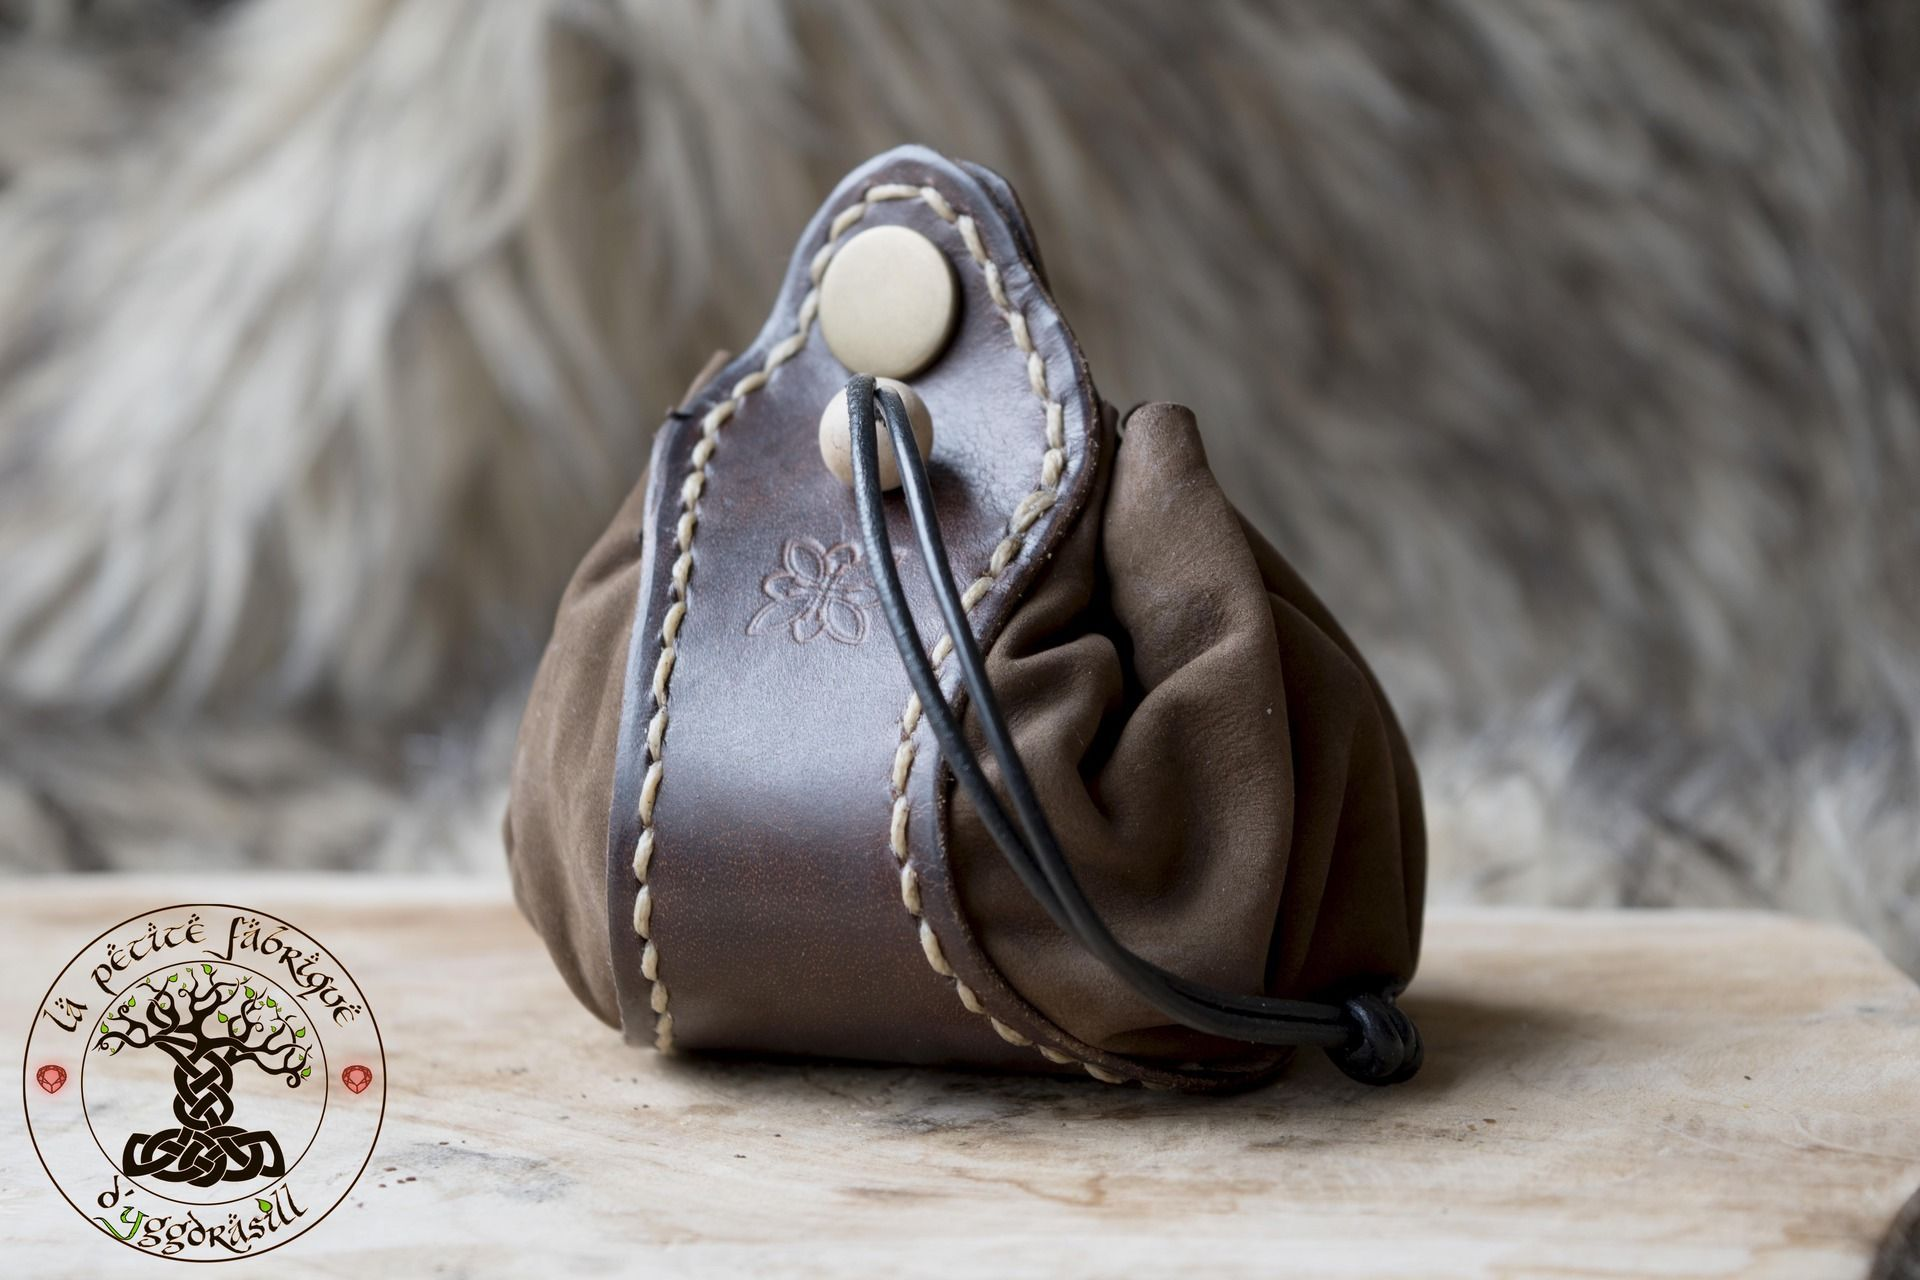 qualité stable chaussures d'automne couleurs et frappant Bourse en cuir marron (maroquinerie) porte monnaie médiéval ...